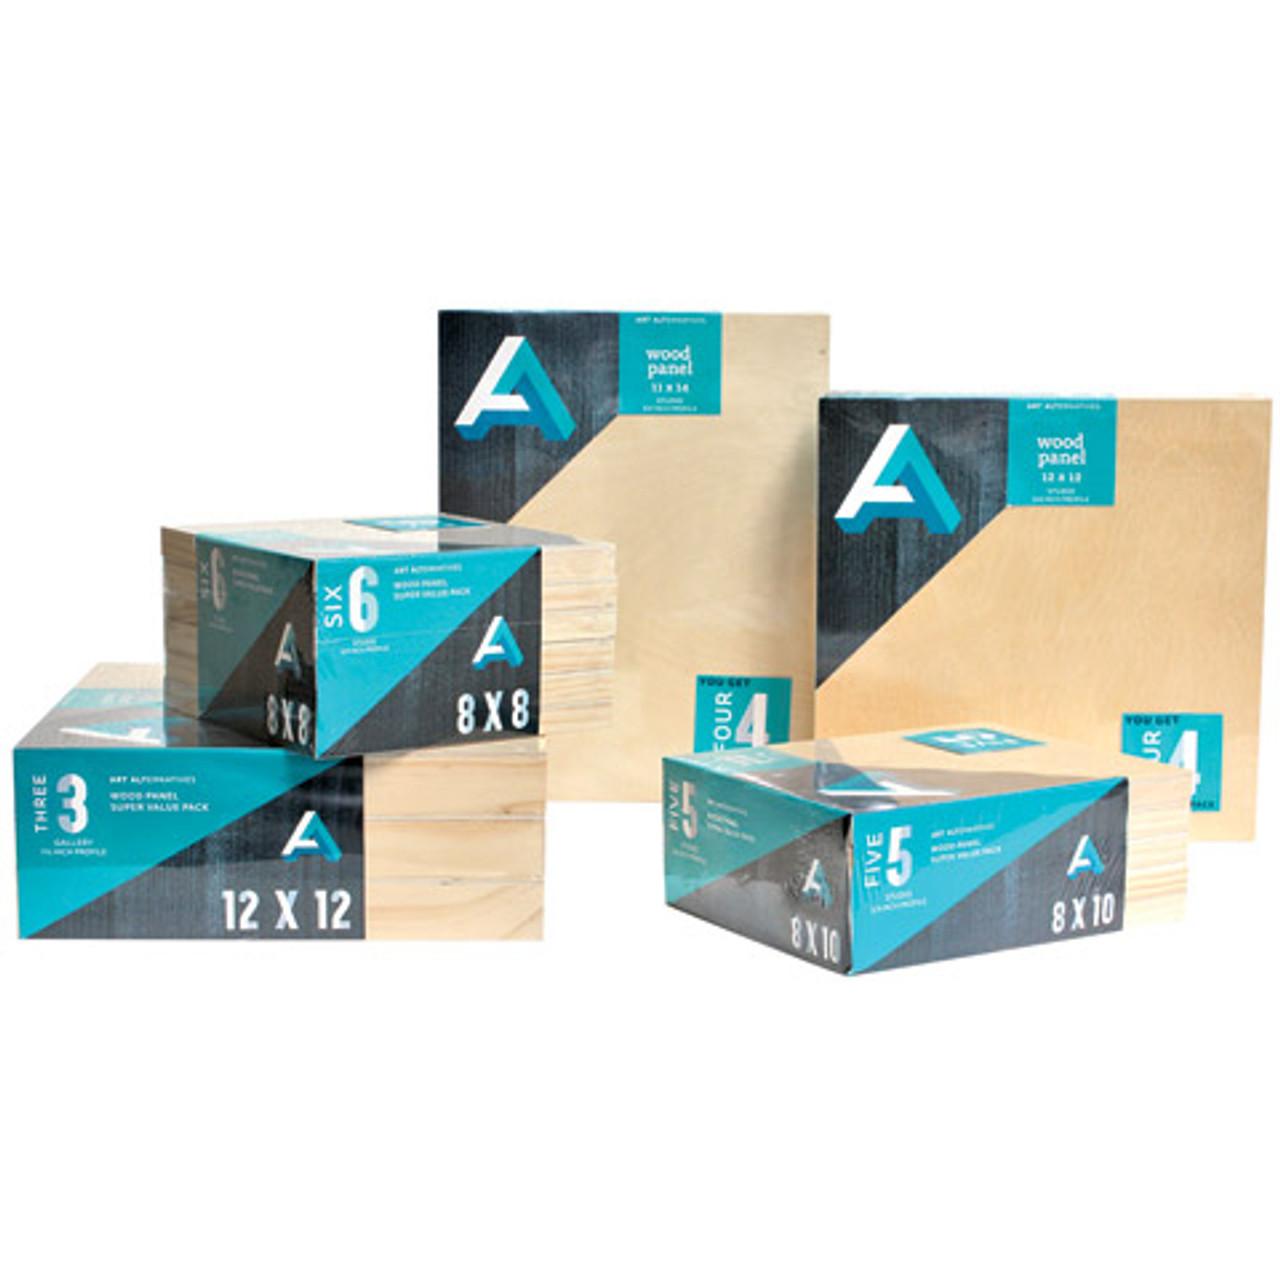 Wood Panel Super Value 4-Pack Cradled 12x12